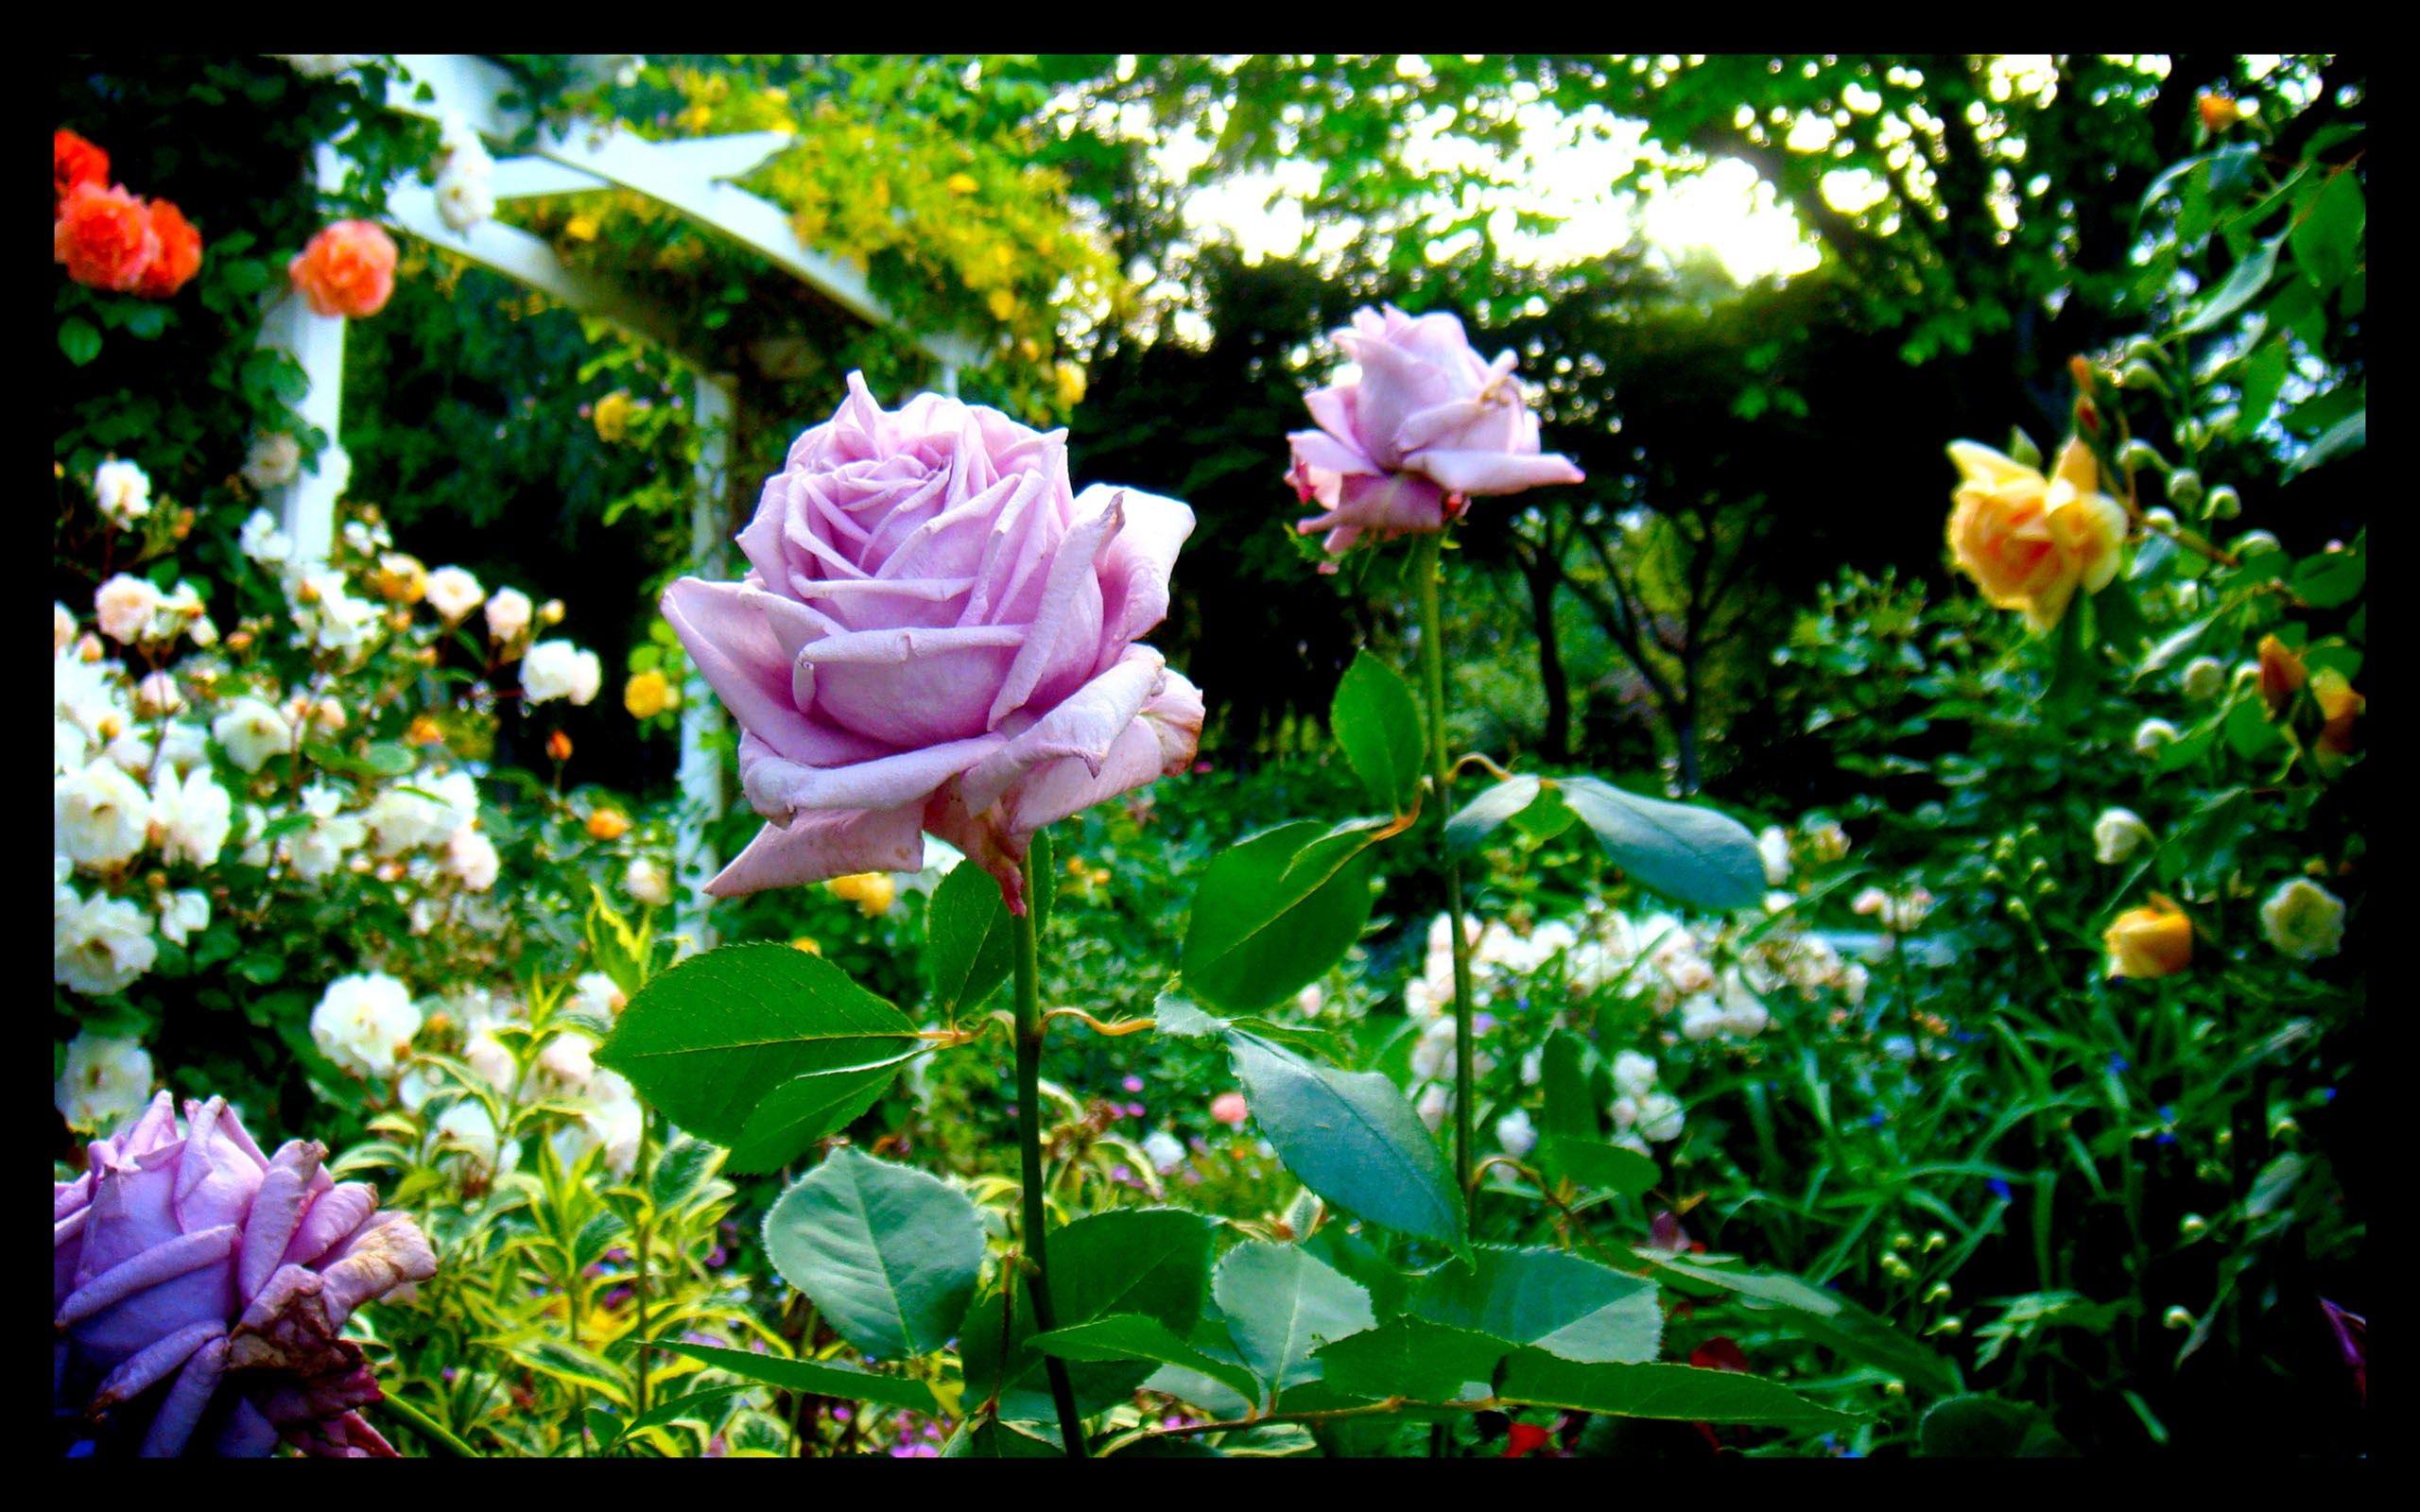 Flower Garden Wallpaper Background clifford bishop - rose garden background wallpaper free - 2560 x